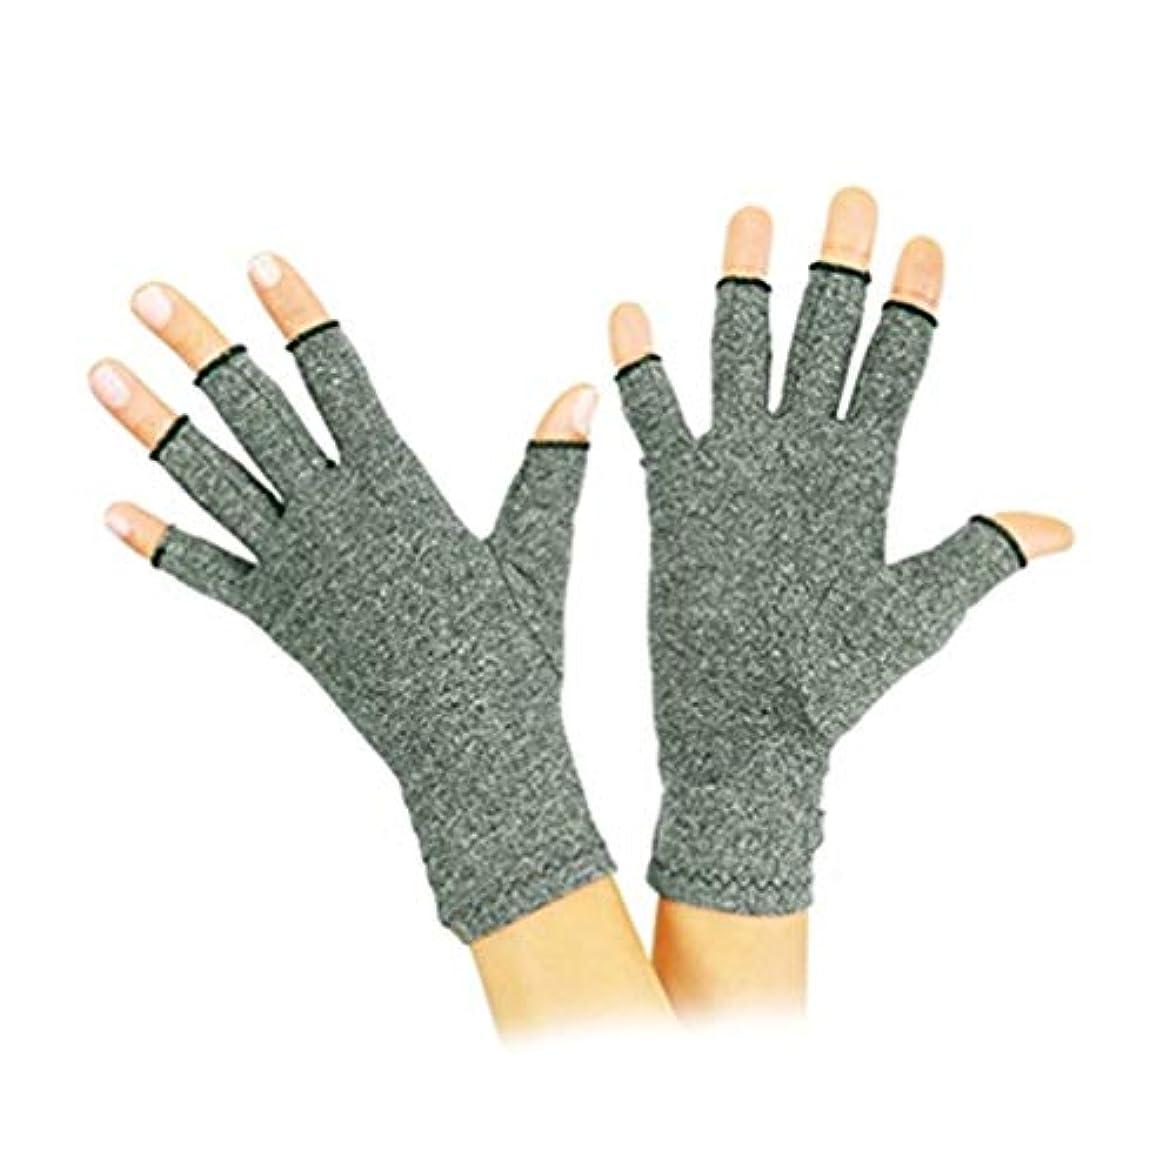 マカダムオズワルド許す関節リウマチリウマチ性変形性関節症用手袋圧縮手袋コンピュータ入力用痛み緩和